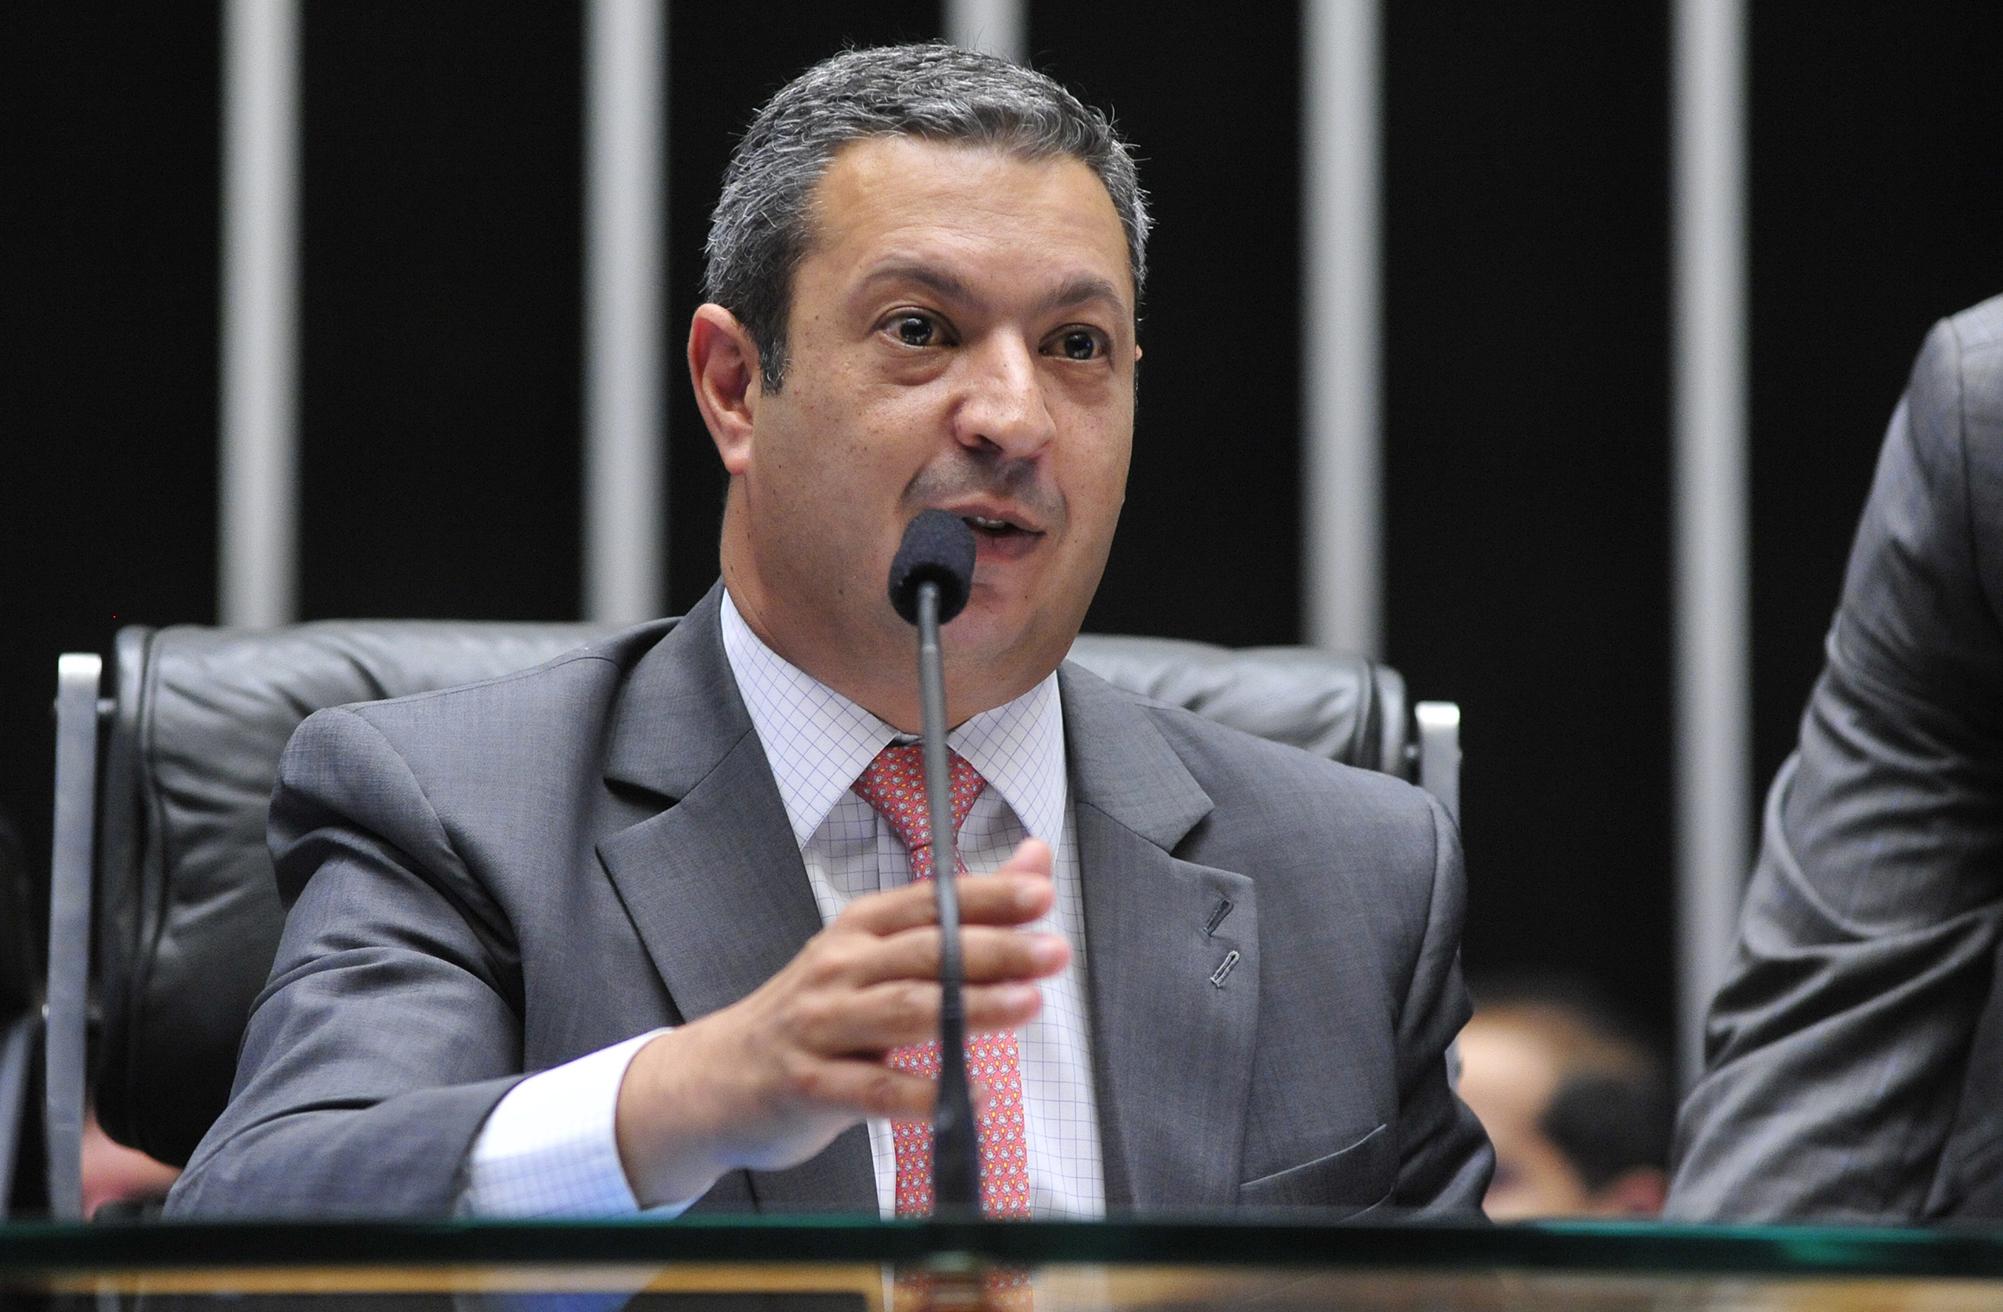 Sessão extraordinária para discussão e votação de diversos projetos. Dep. Ricardo Izar (PP-SP)